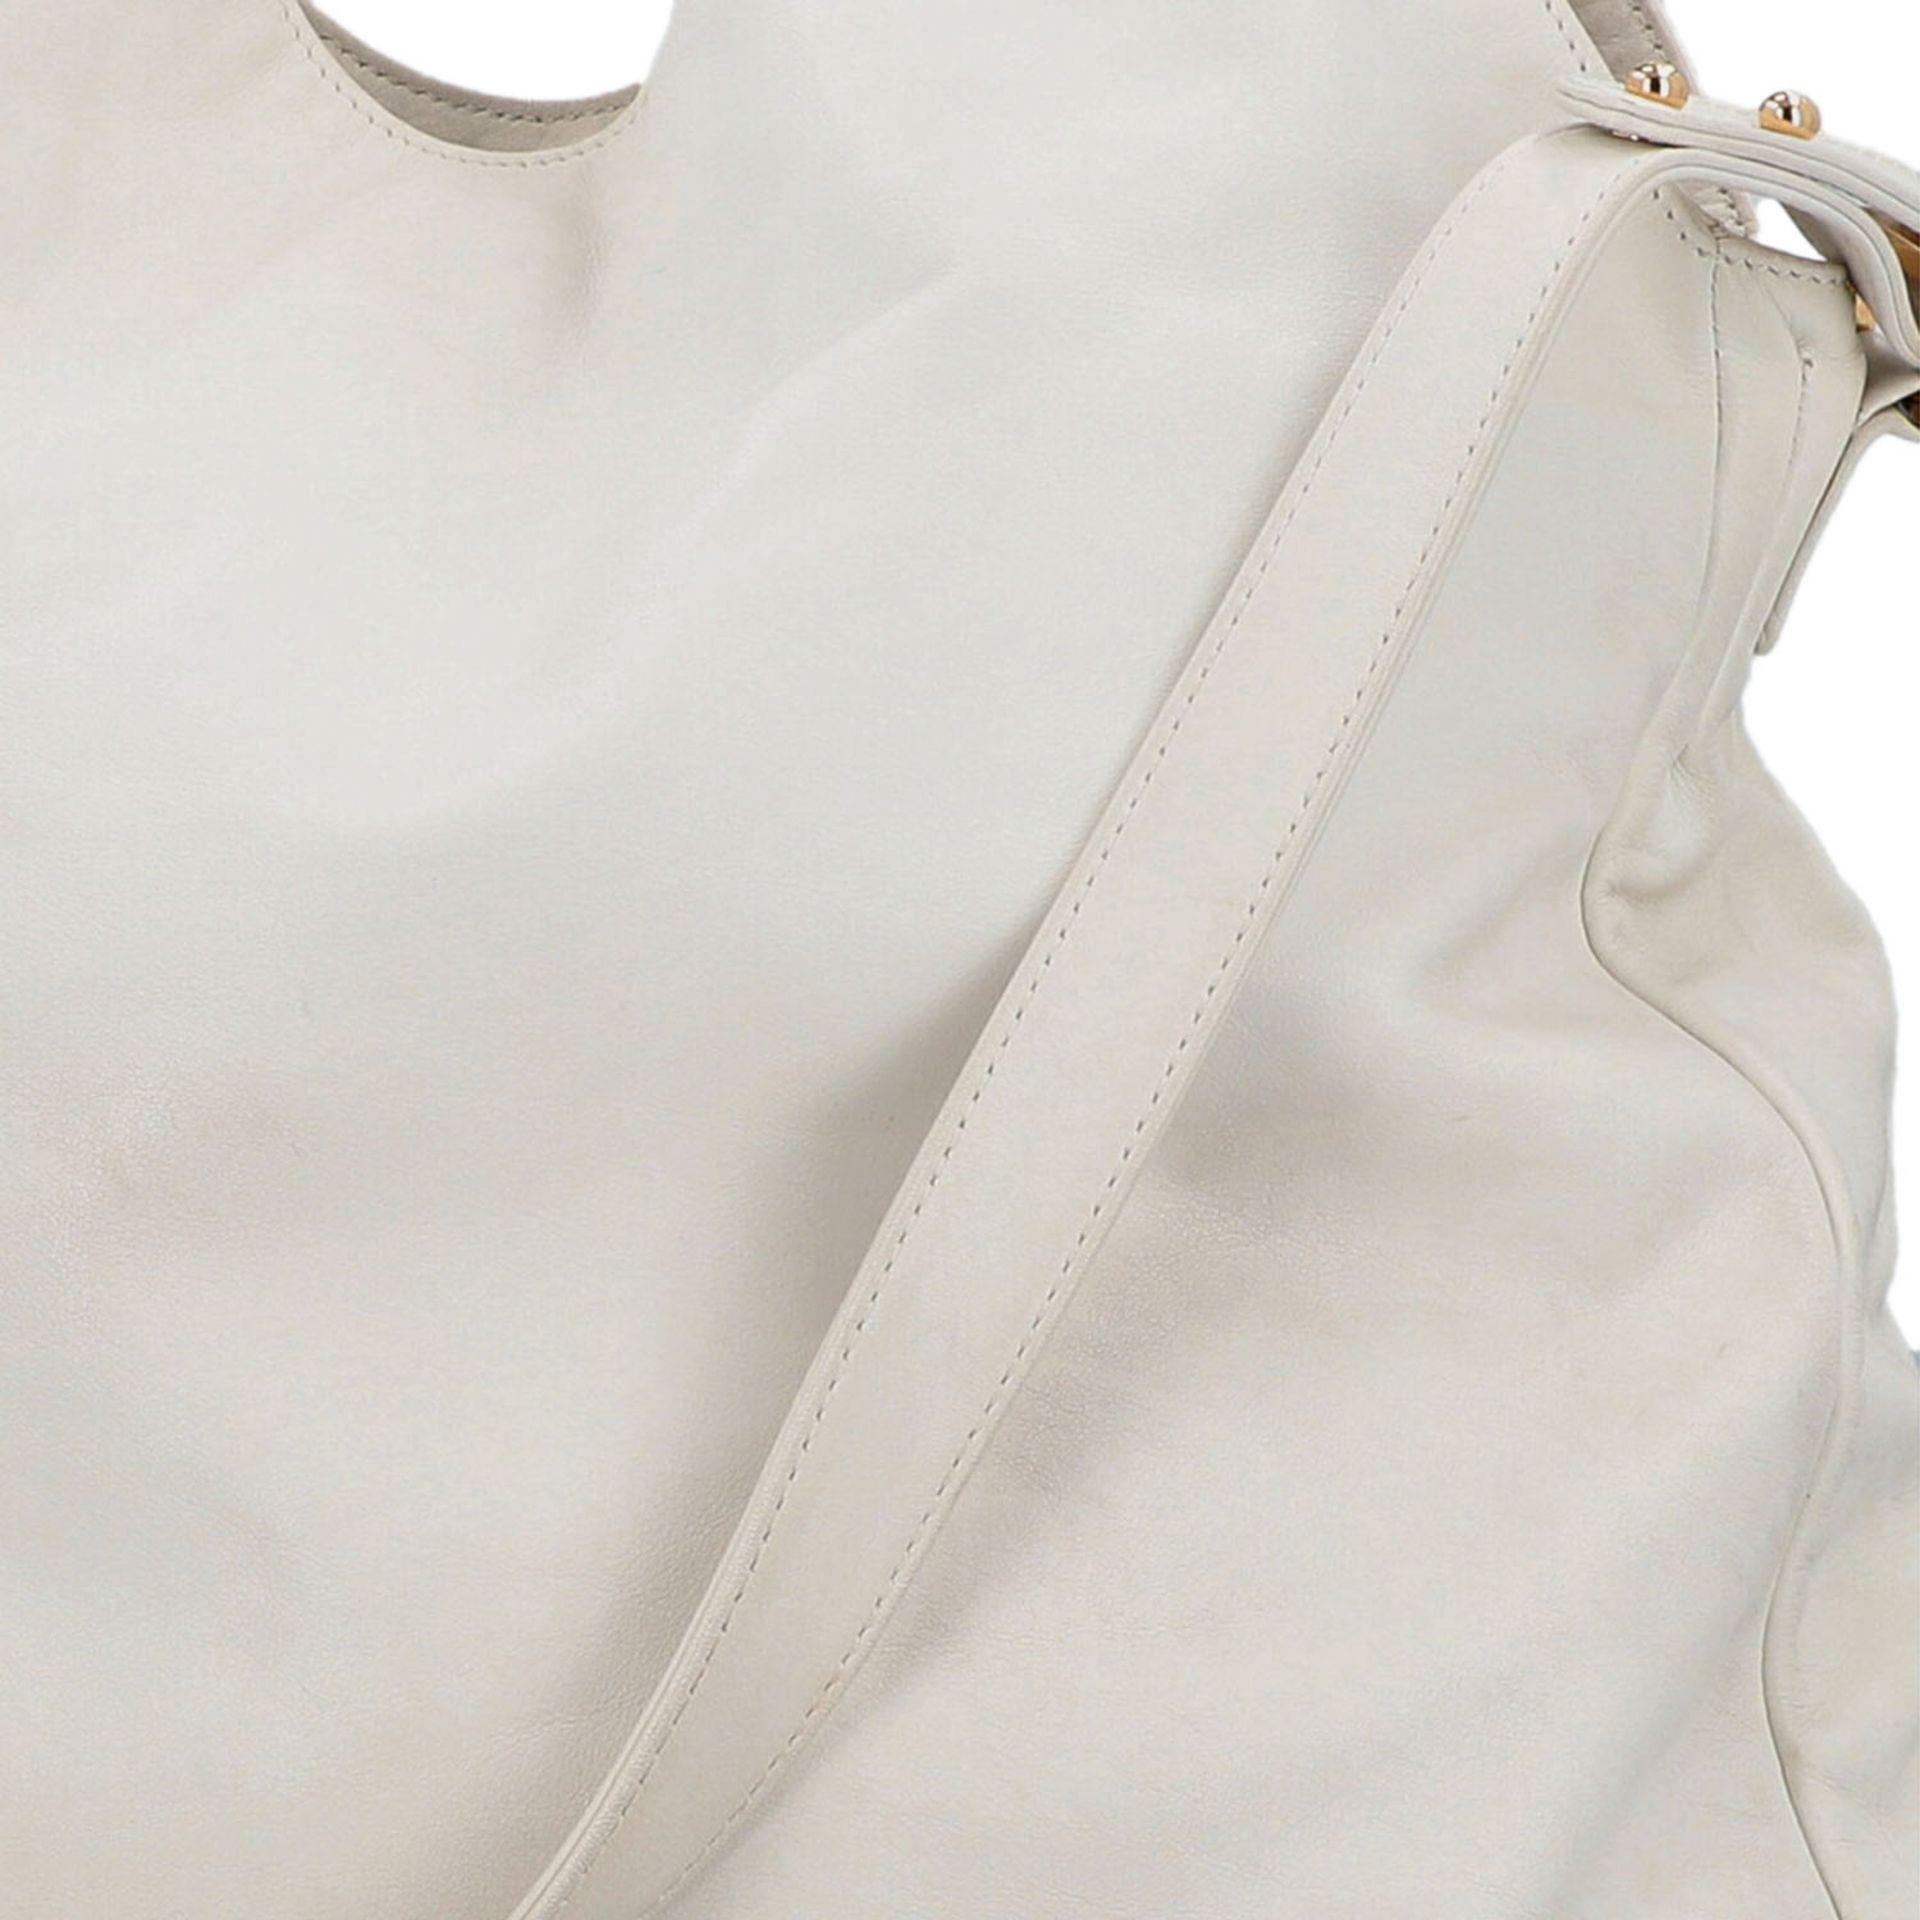 CHANEL Shoppertasche, Koll. 2006/2008.Hobo Bag aus weißem Leder mit goldfarbener Hardware, Front mit - Bild 7 aus 8